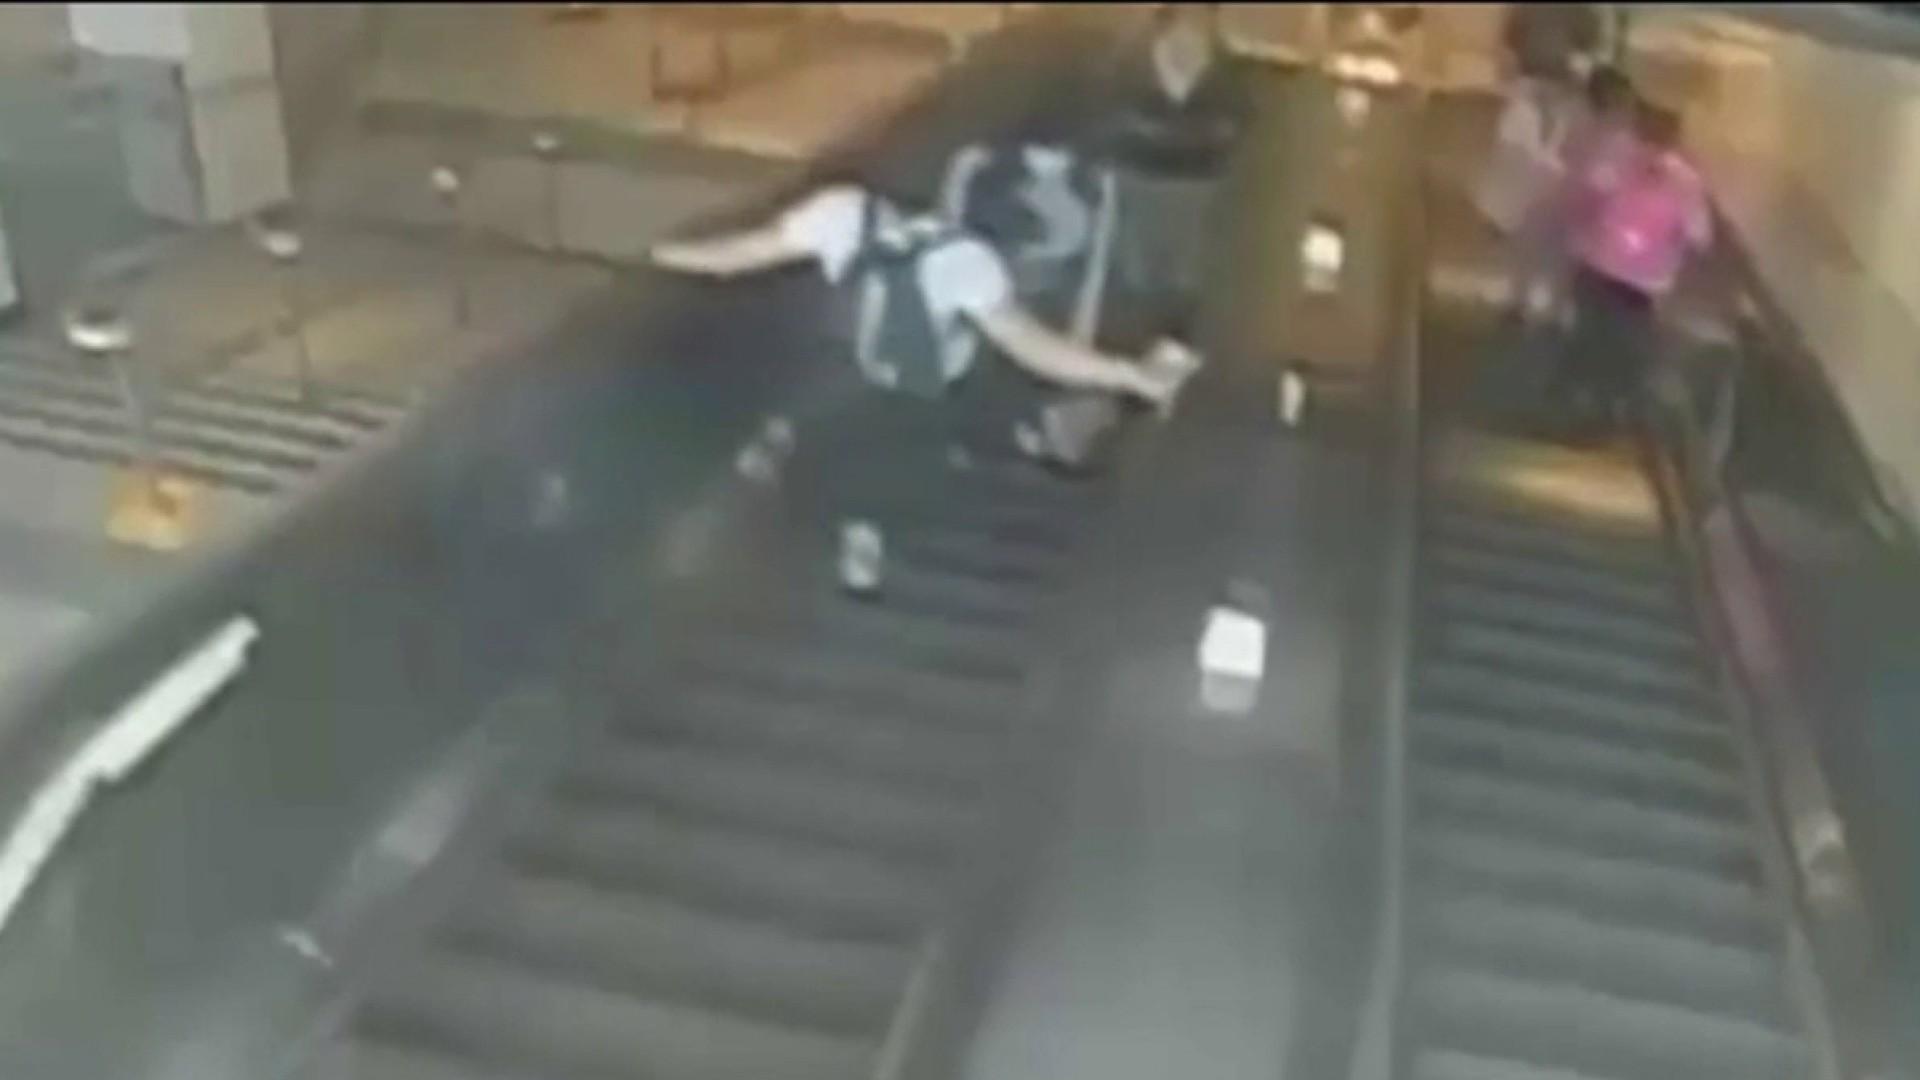 Impresionante video: patea a una mujer por las escaleras eléctricas en Nueva York